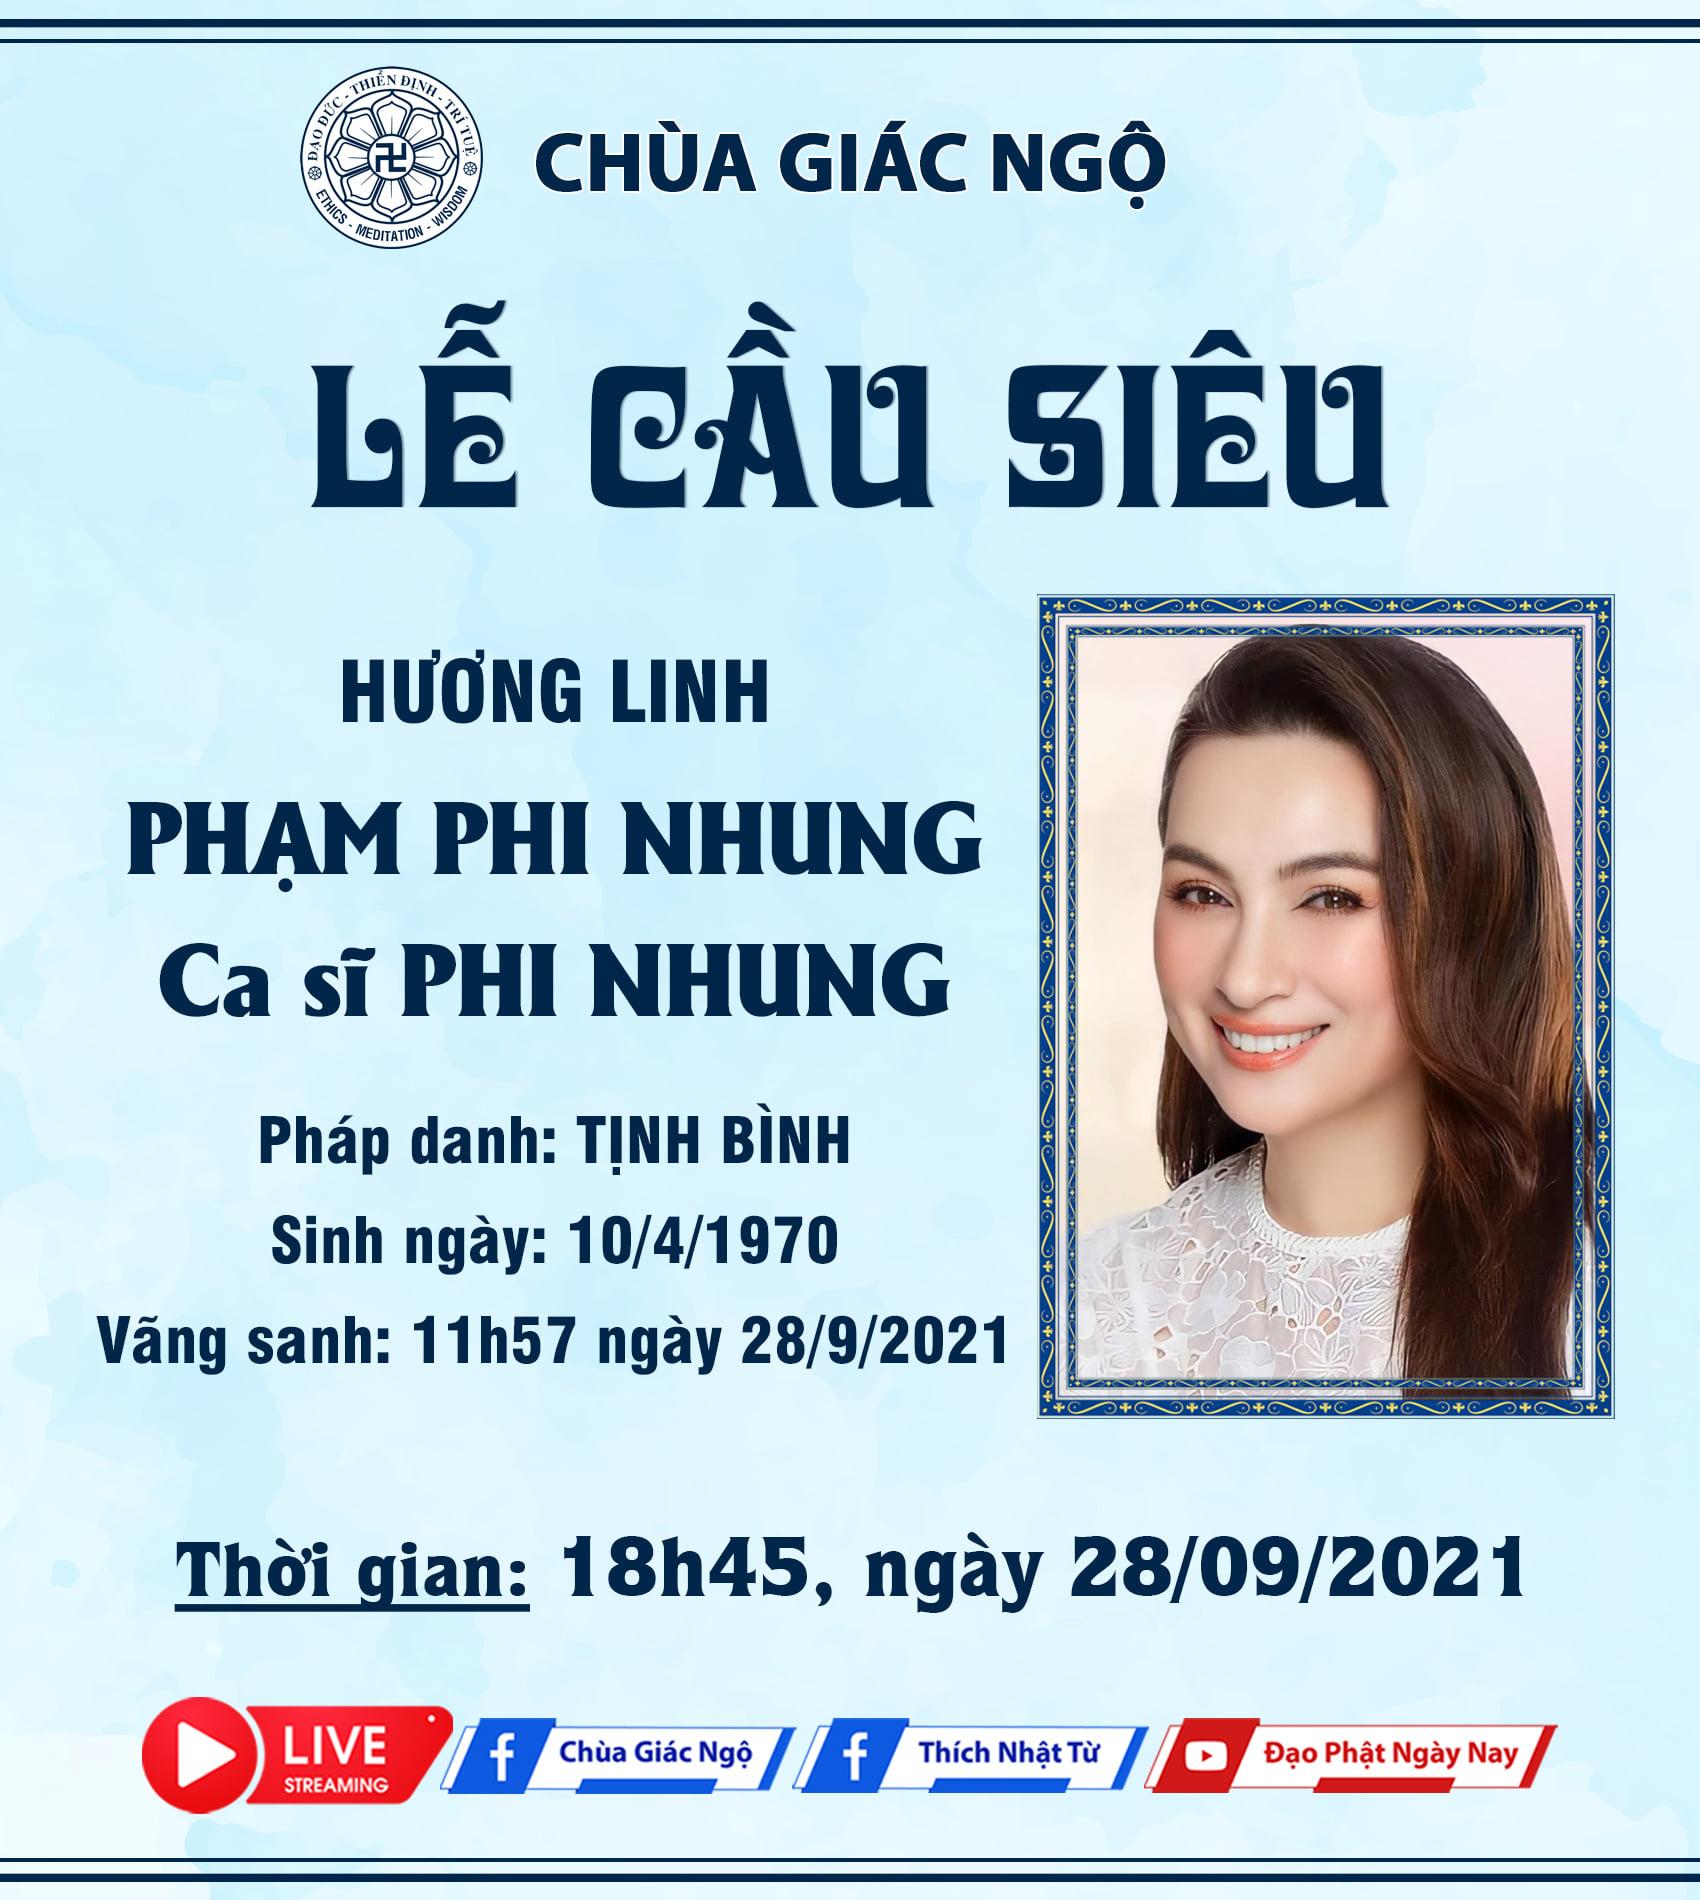 CHÍNH THỨC: Thông tin Lễ tưởng niệm và cầu siêu cho cố ca sĩ Phi Nhung 3